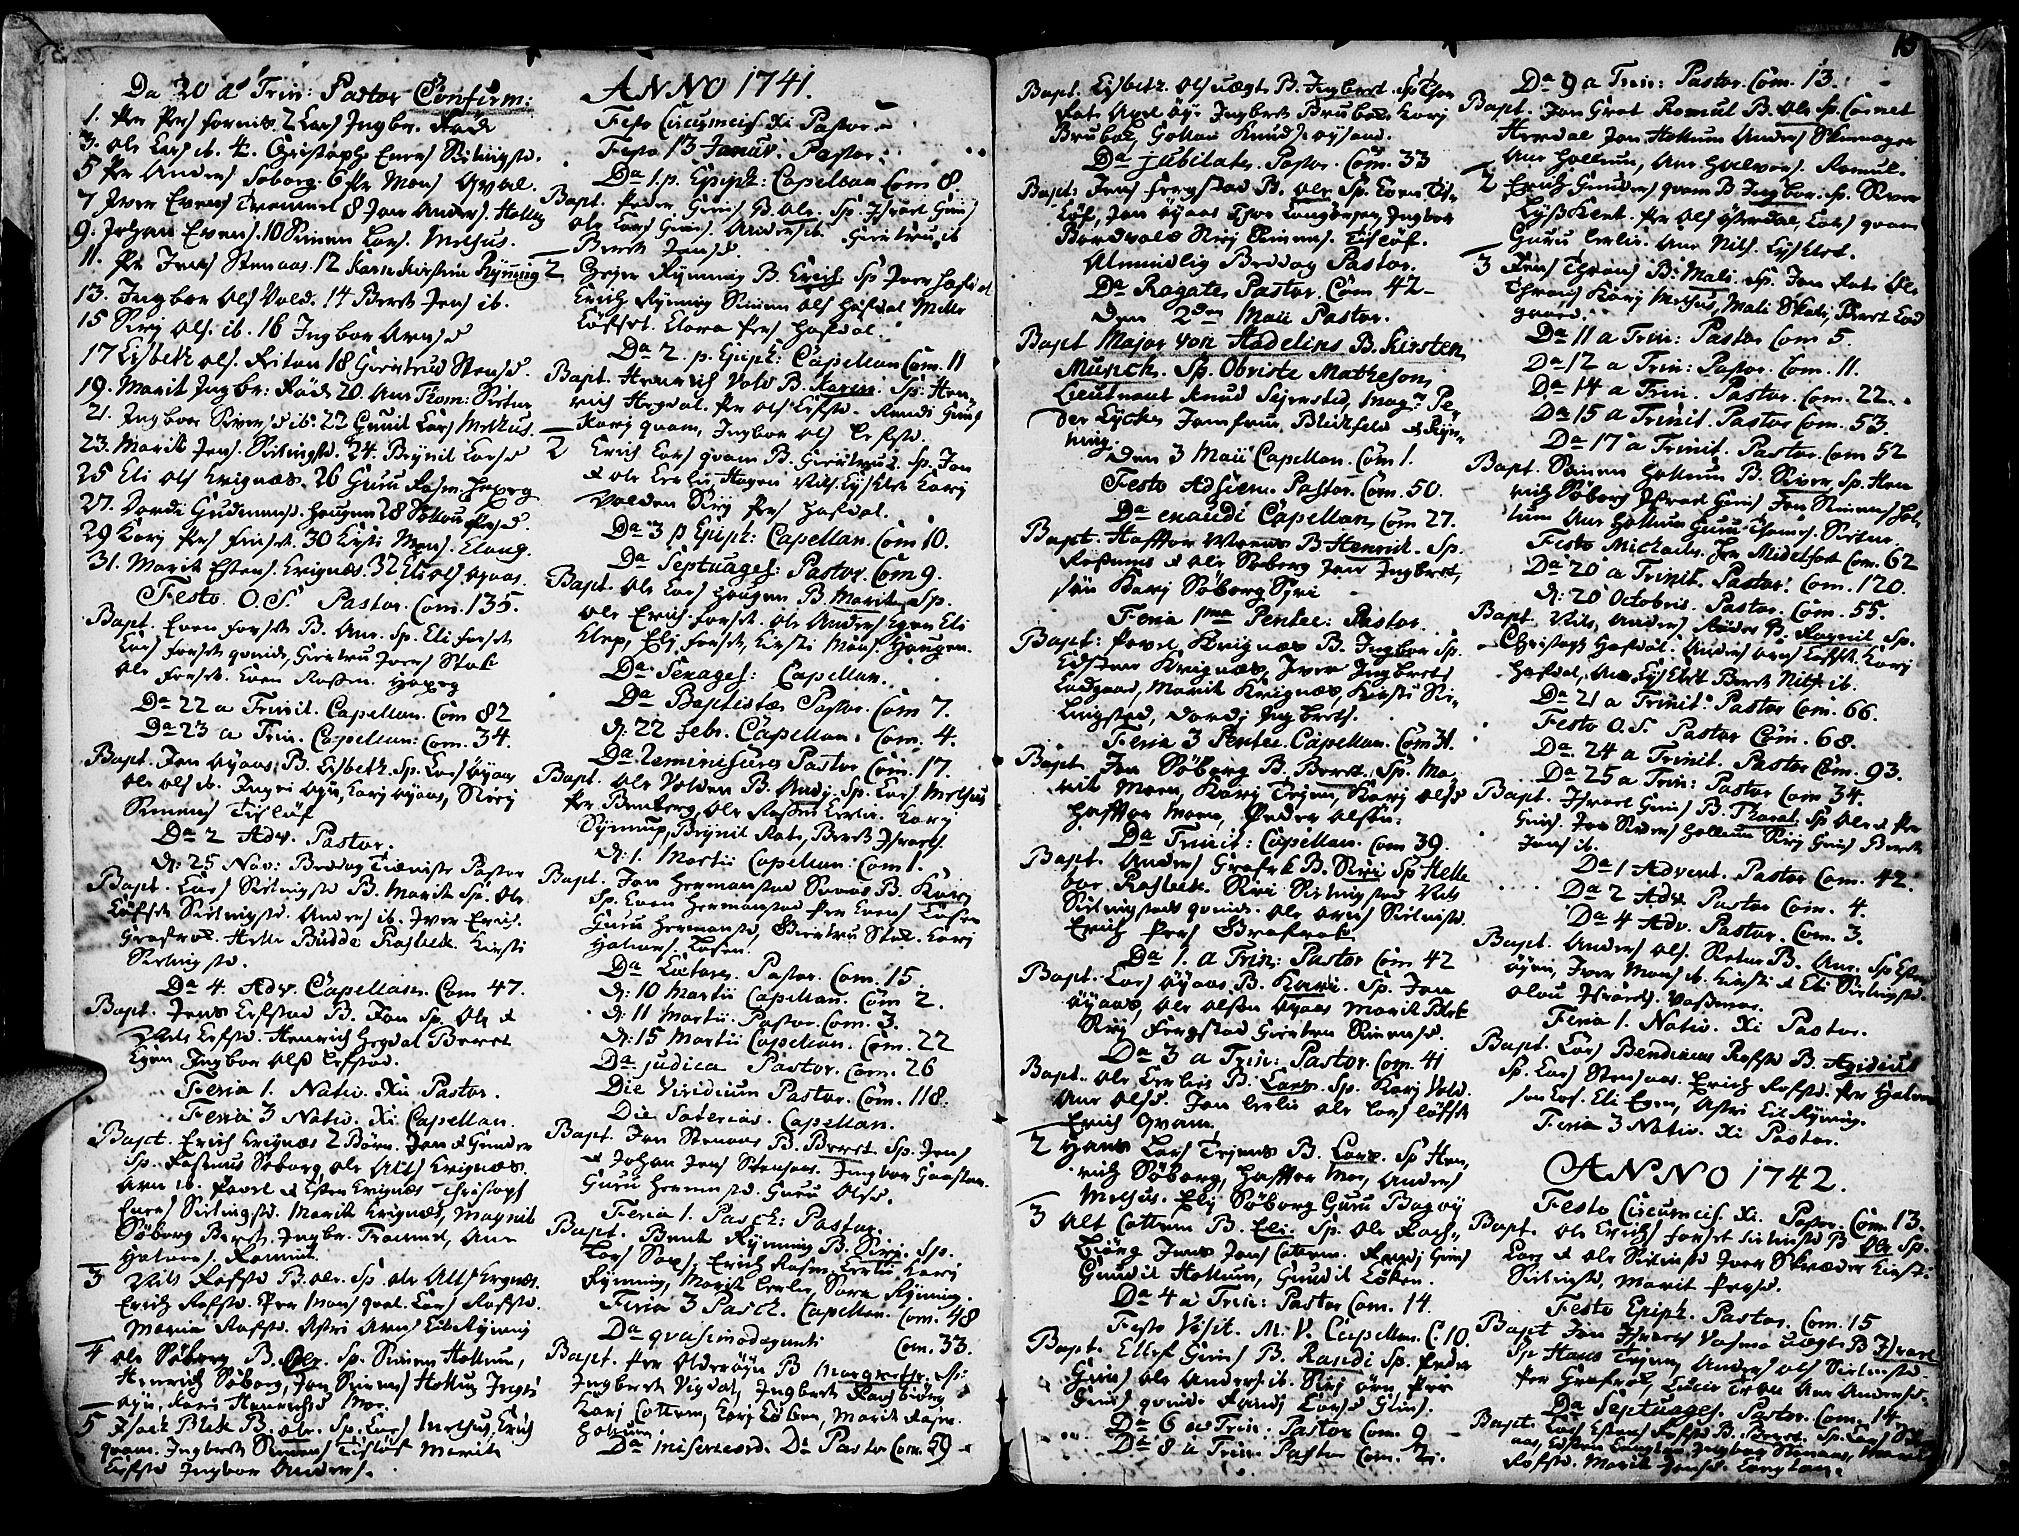 SAT, Ministerialprotokoller, klokkerbøker og fødselsregistre - Sør-Trøndelag, 691/L1057: Ministerialbok nr. 691A01 /1, 1740-1767, s. 16